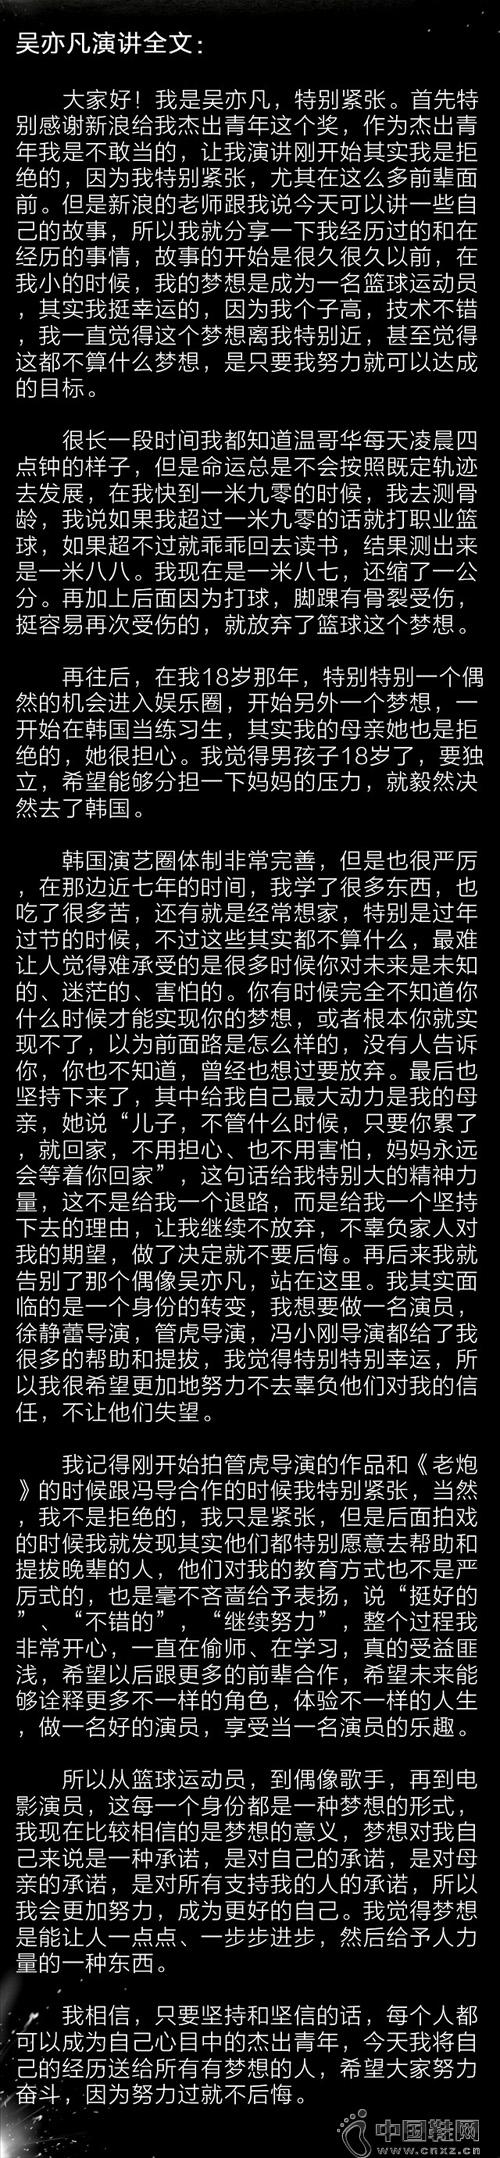 吴亦凡一身黑白造型亮相